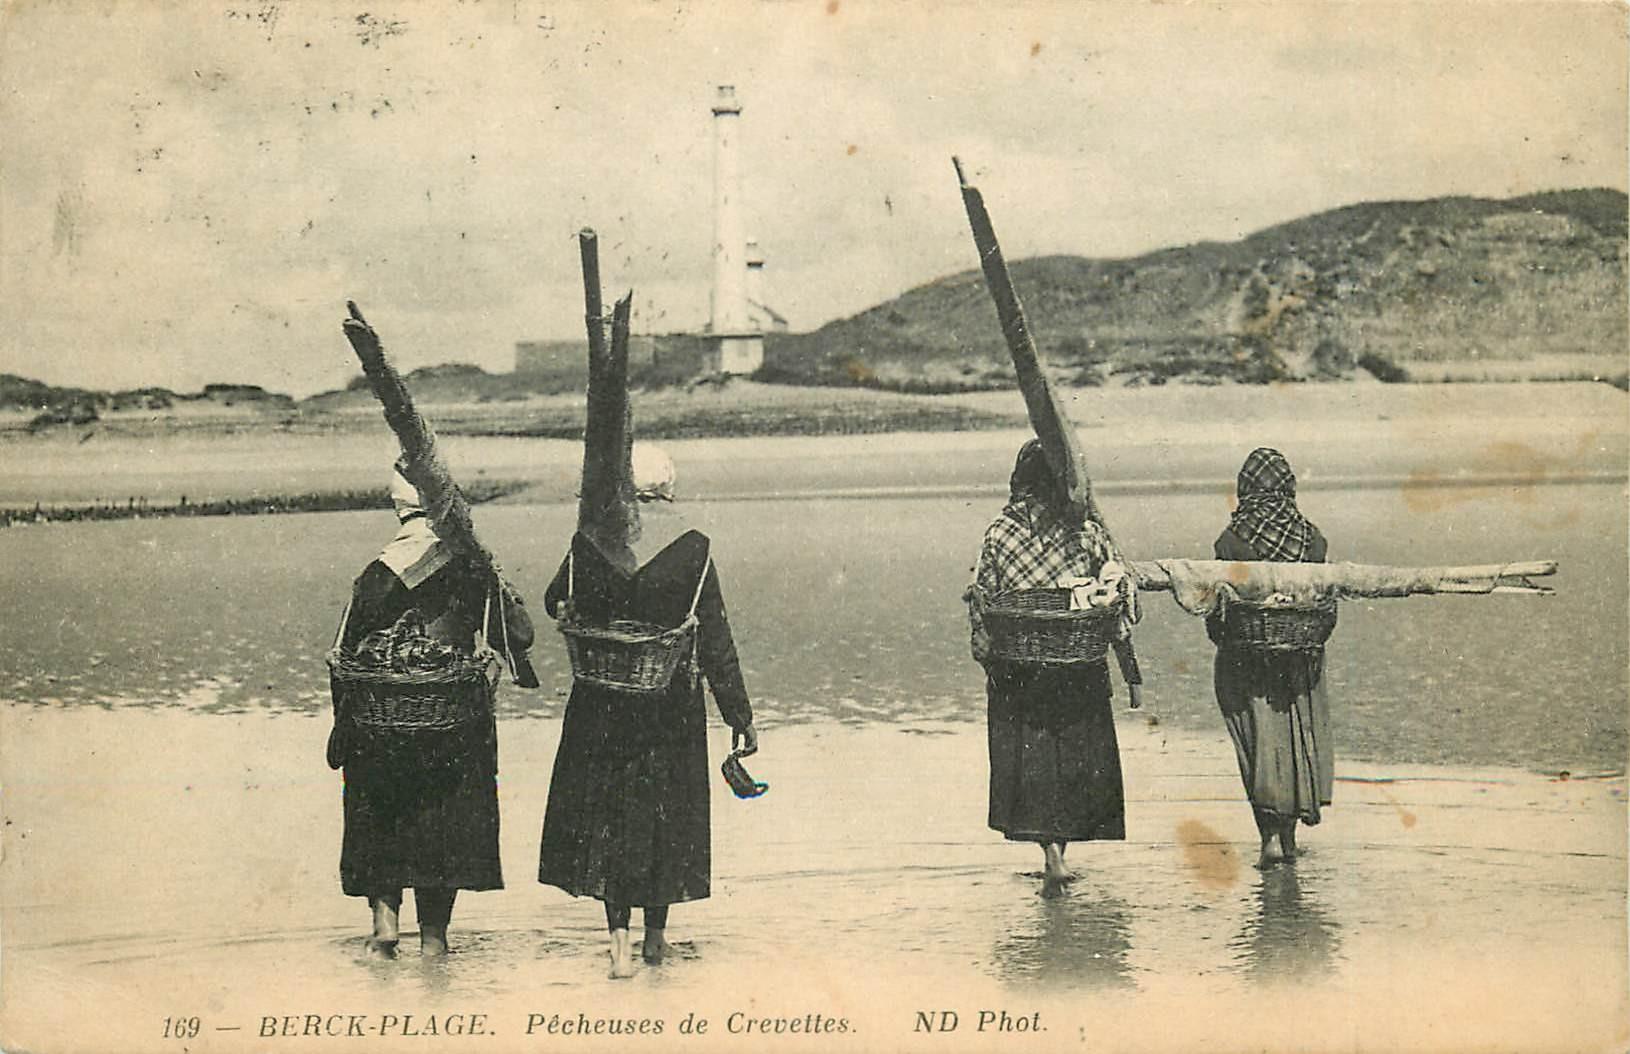 62 BERCK-PLAGE. Pêcheuses de Crevettes vers 1910